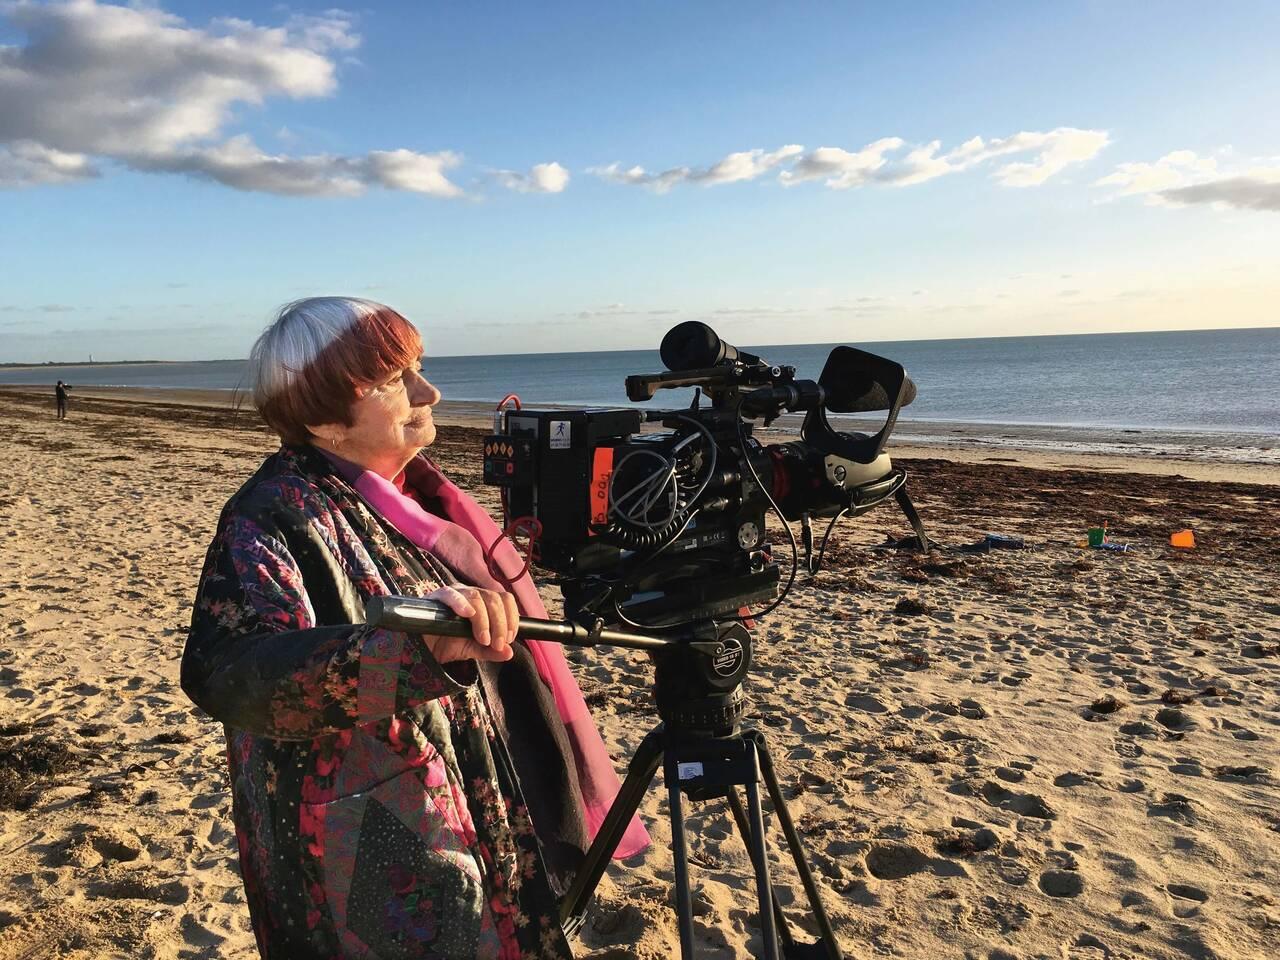 女性監督の先駆者アニエス・ヴァルダが長いキャリアを振り返る──遺作となった集大成ドキュメンタリー「アニエスによるヴァルダ」